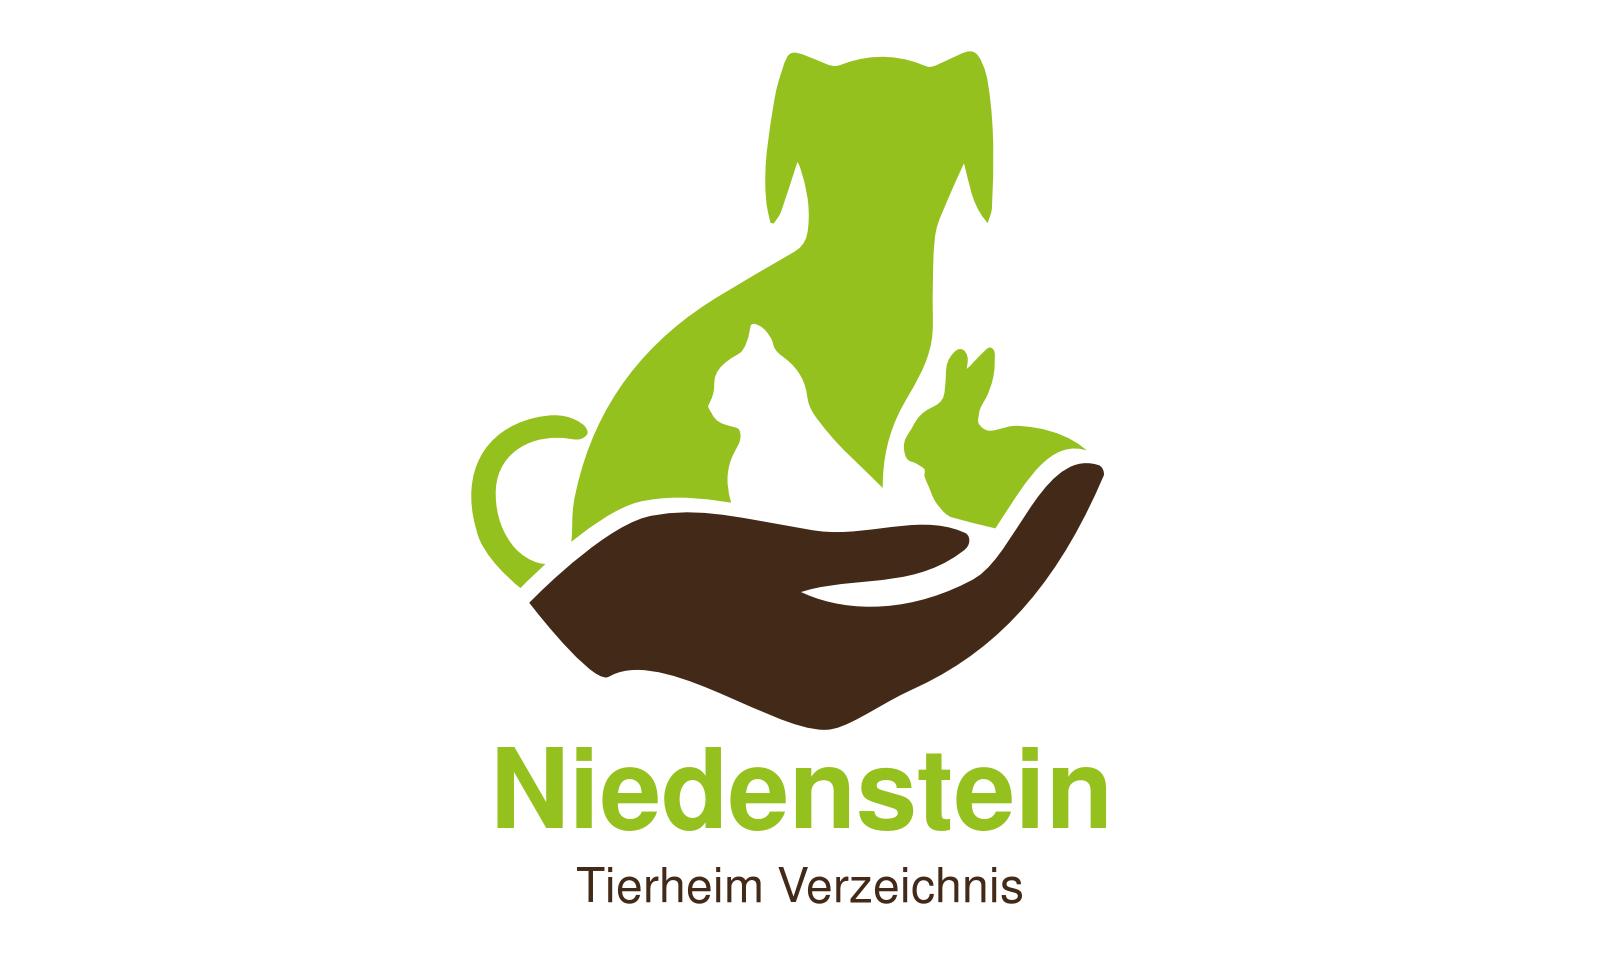 Tierheim Niedenstein